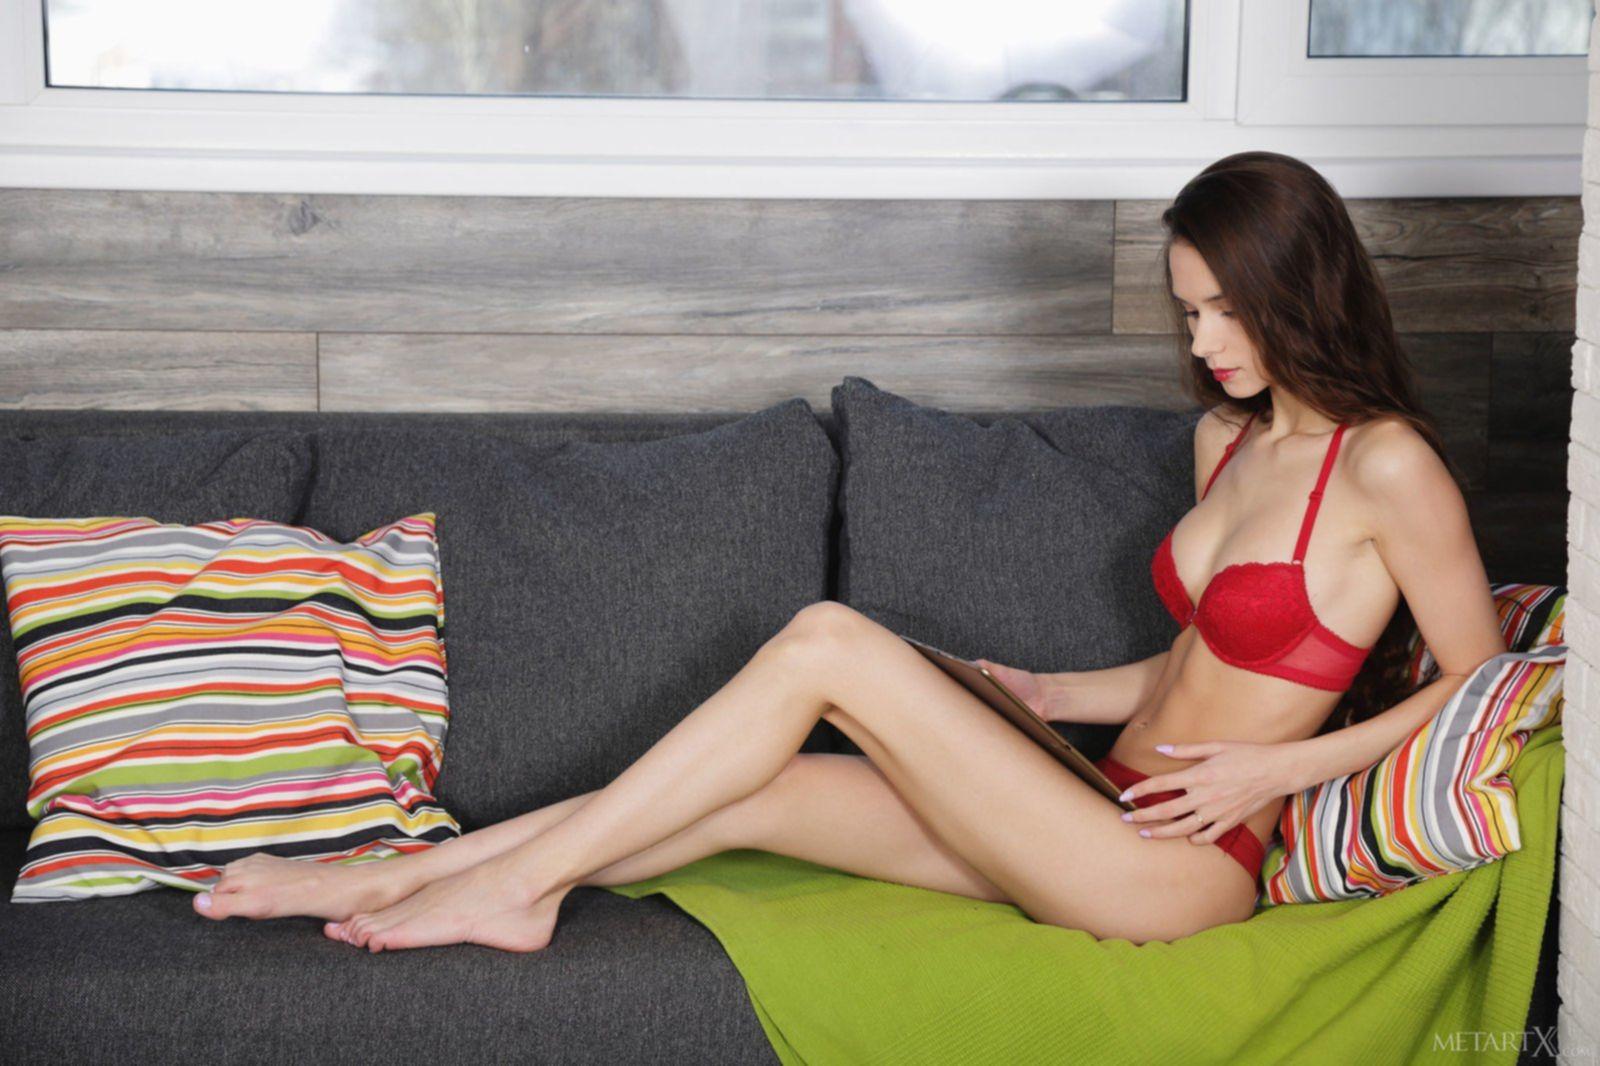 Красивая голая брюнетка сняла красные трусы и лифчик - фото